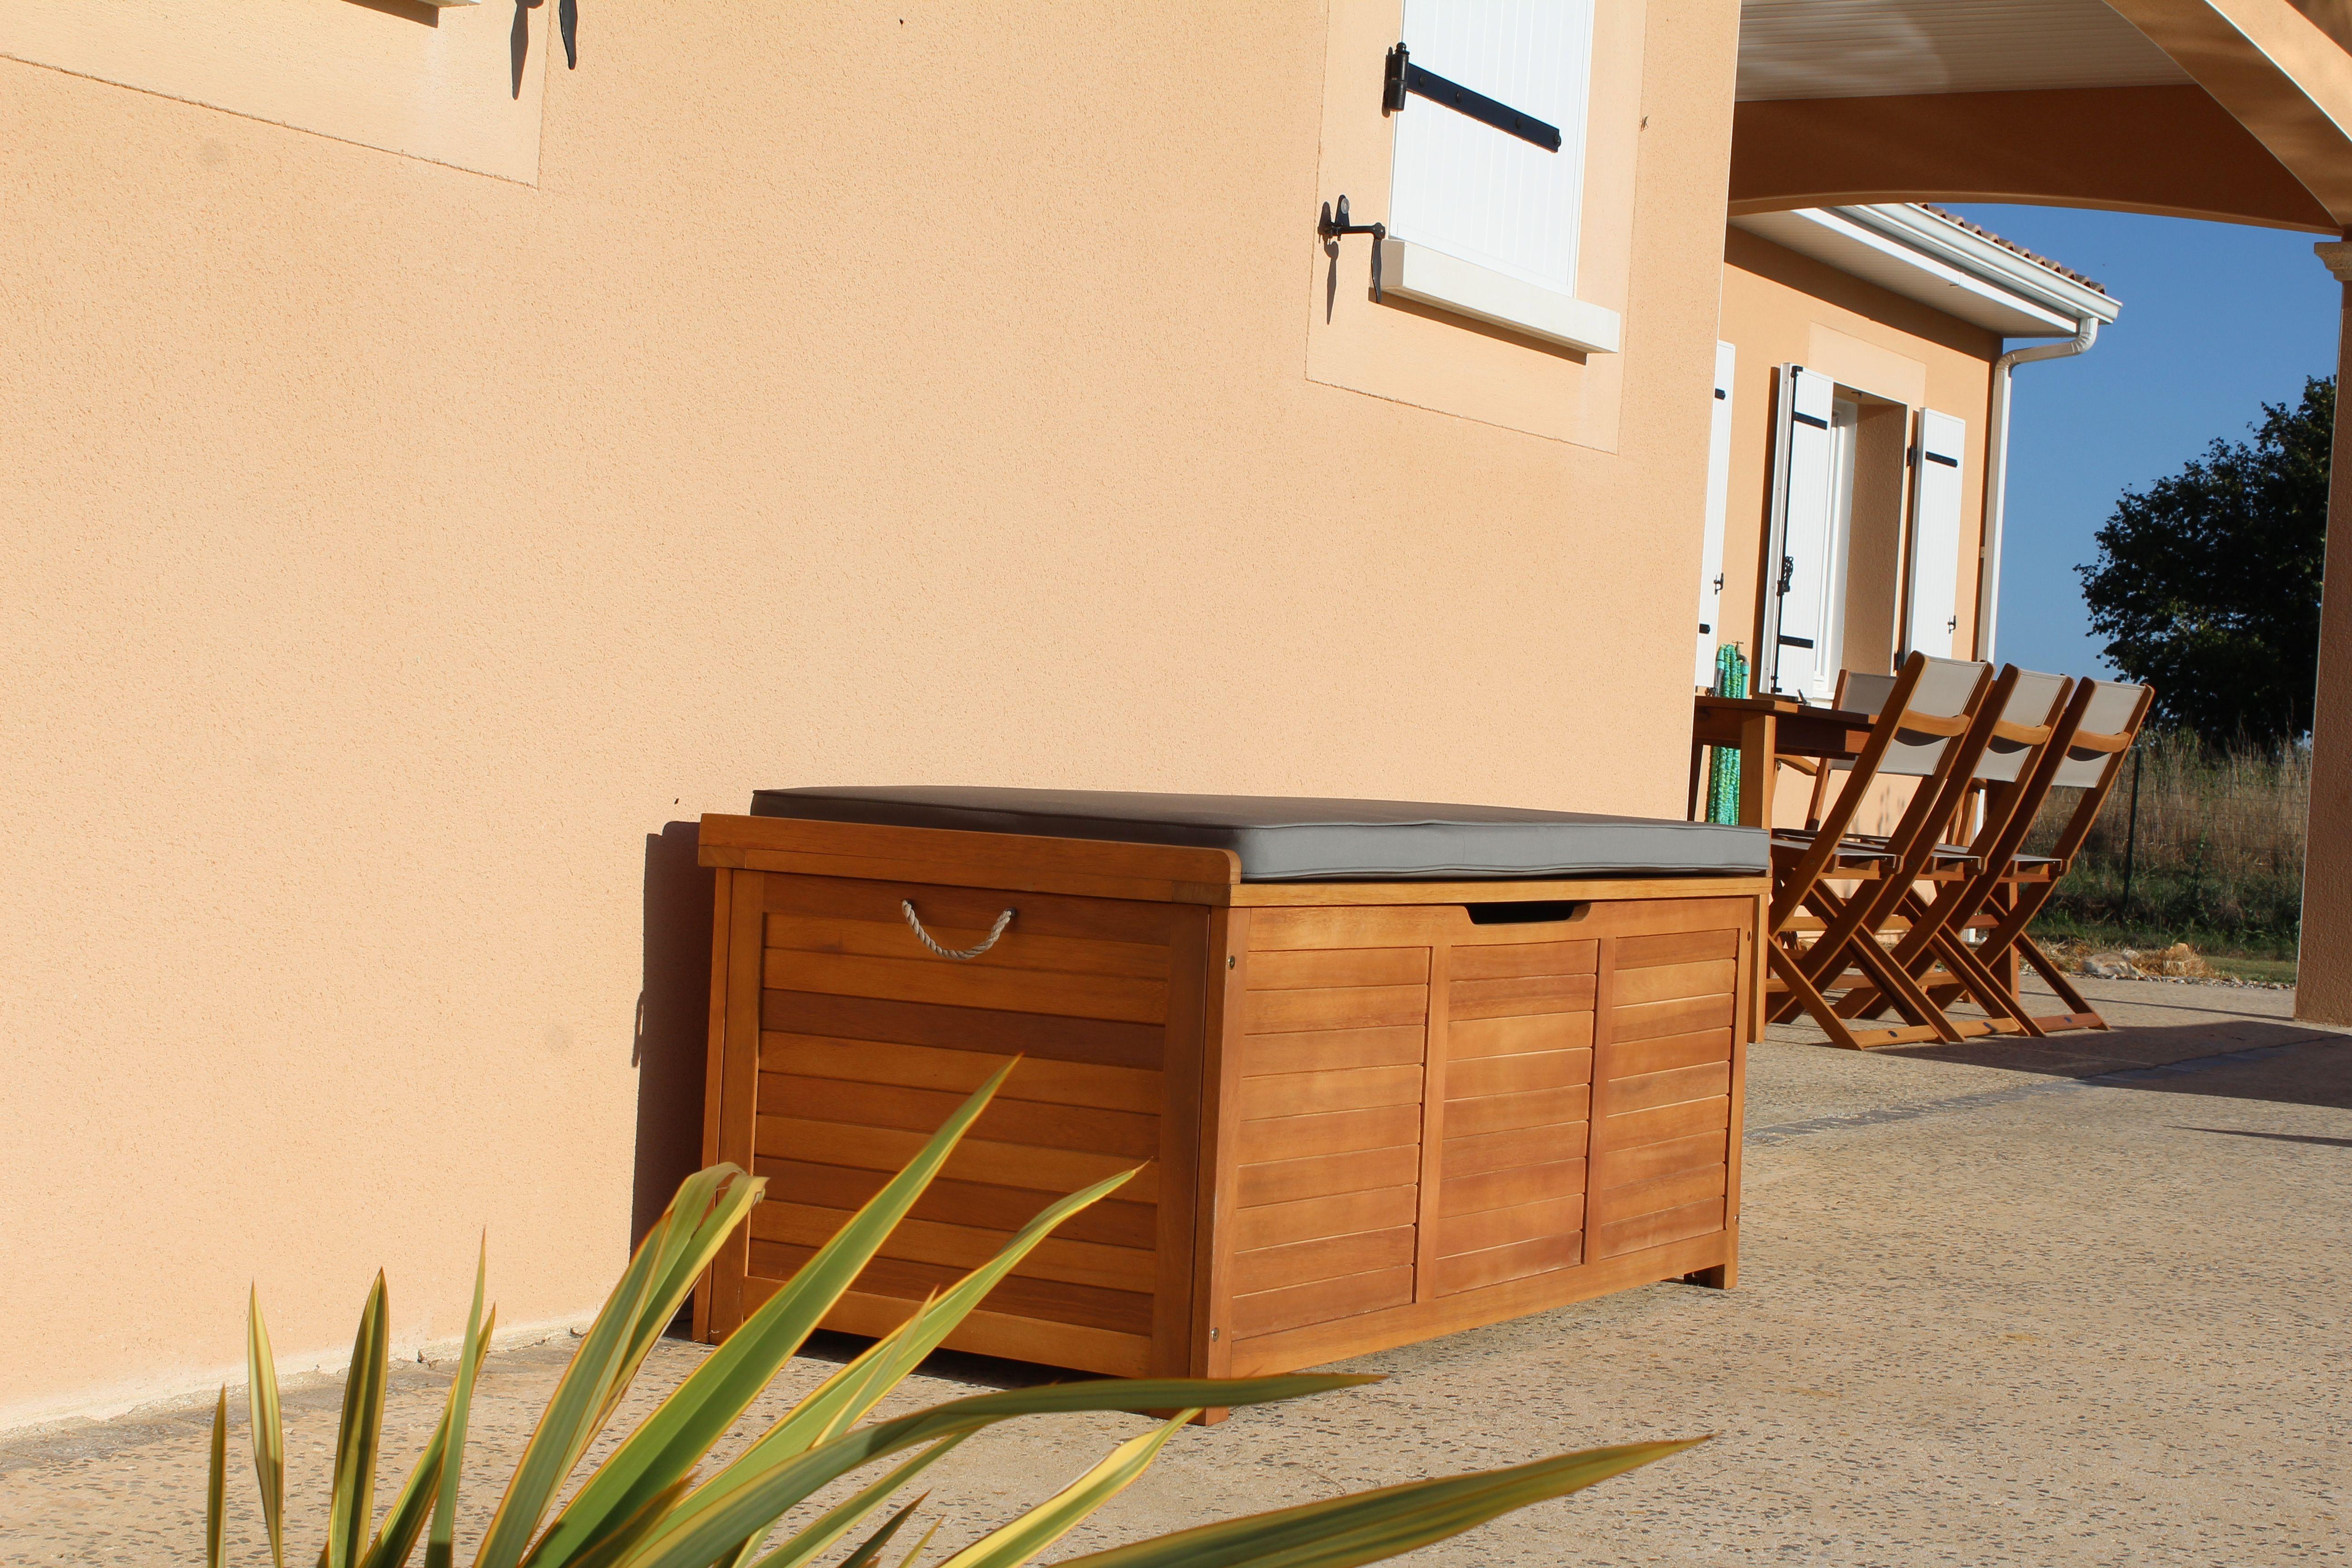 Coffre A Coussin Exterieur caja : coffre de jardin en bois 125x60cm alice's garden